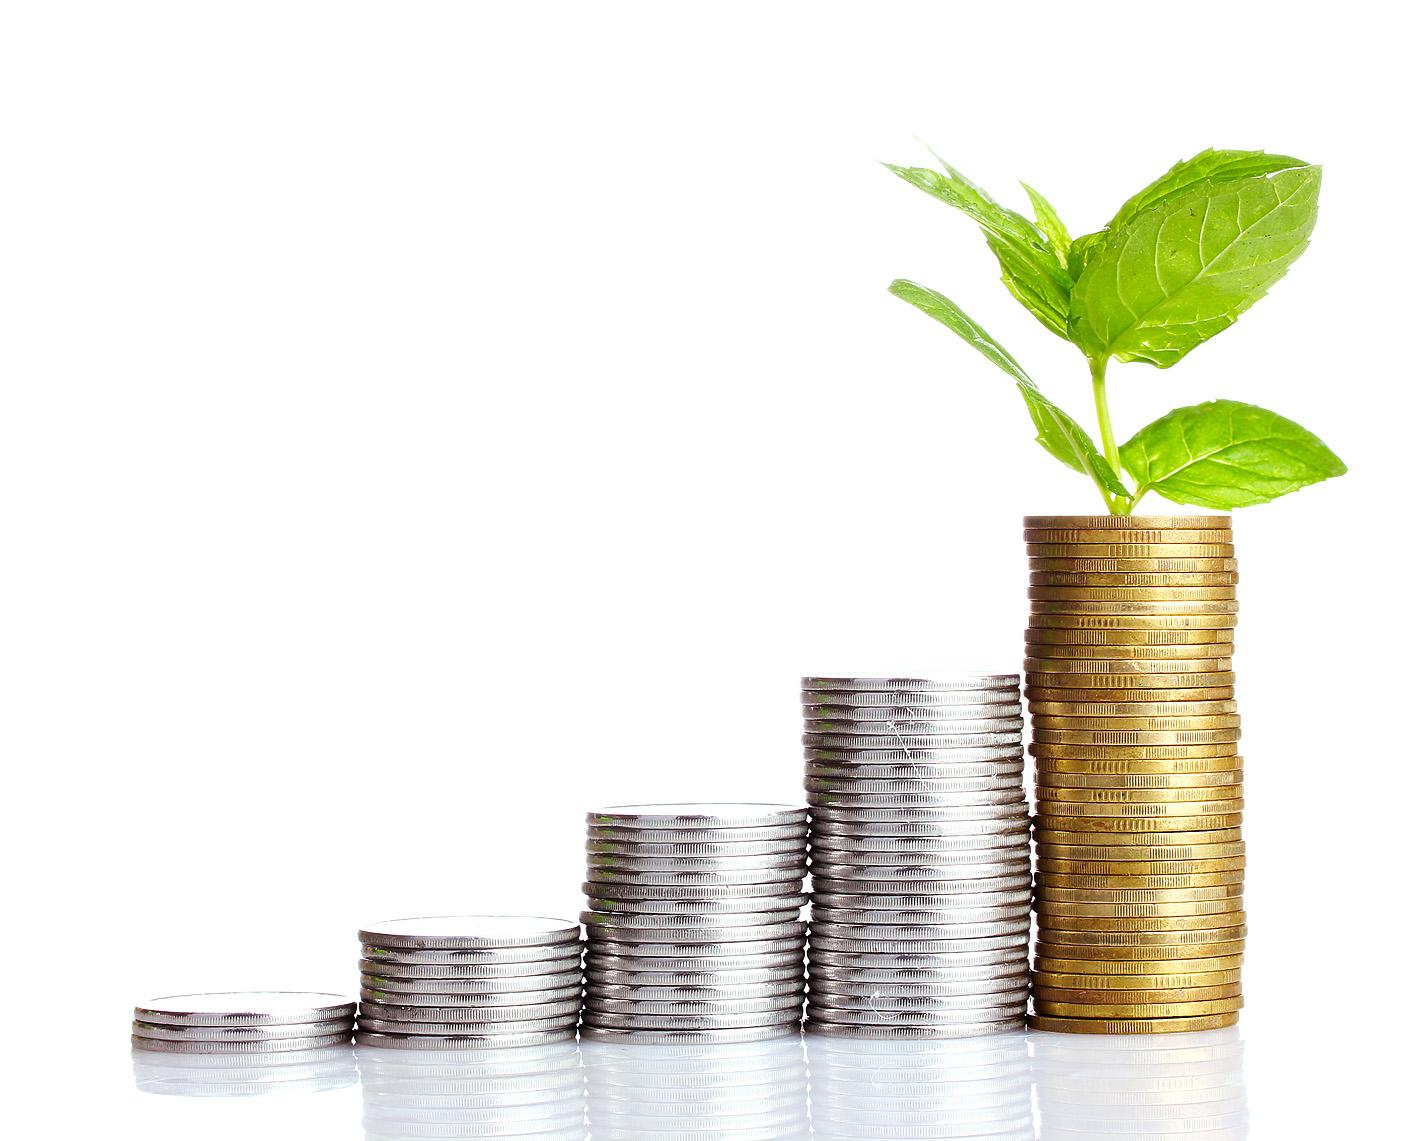 Nên soạn hợp đồng gì khi đầu tư góp vốn thu lợi nhuận?